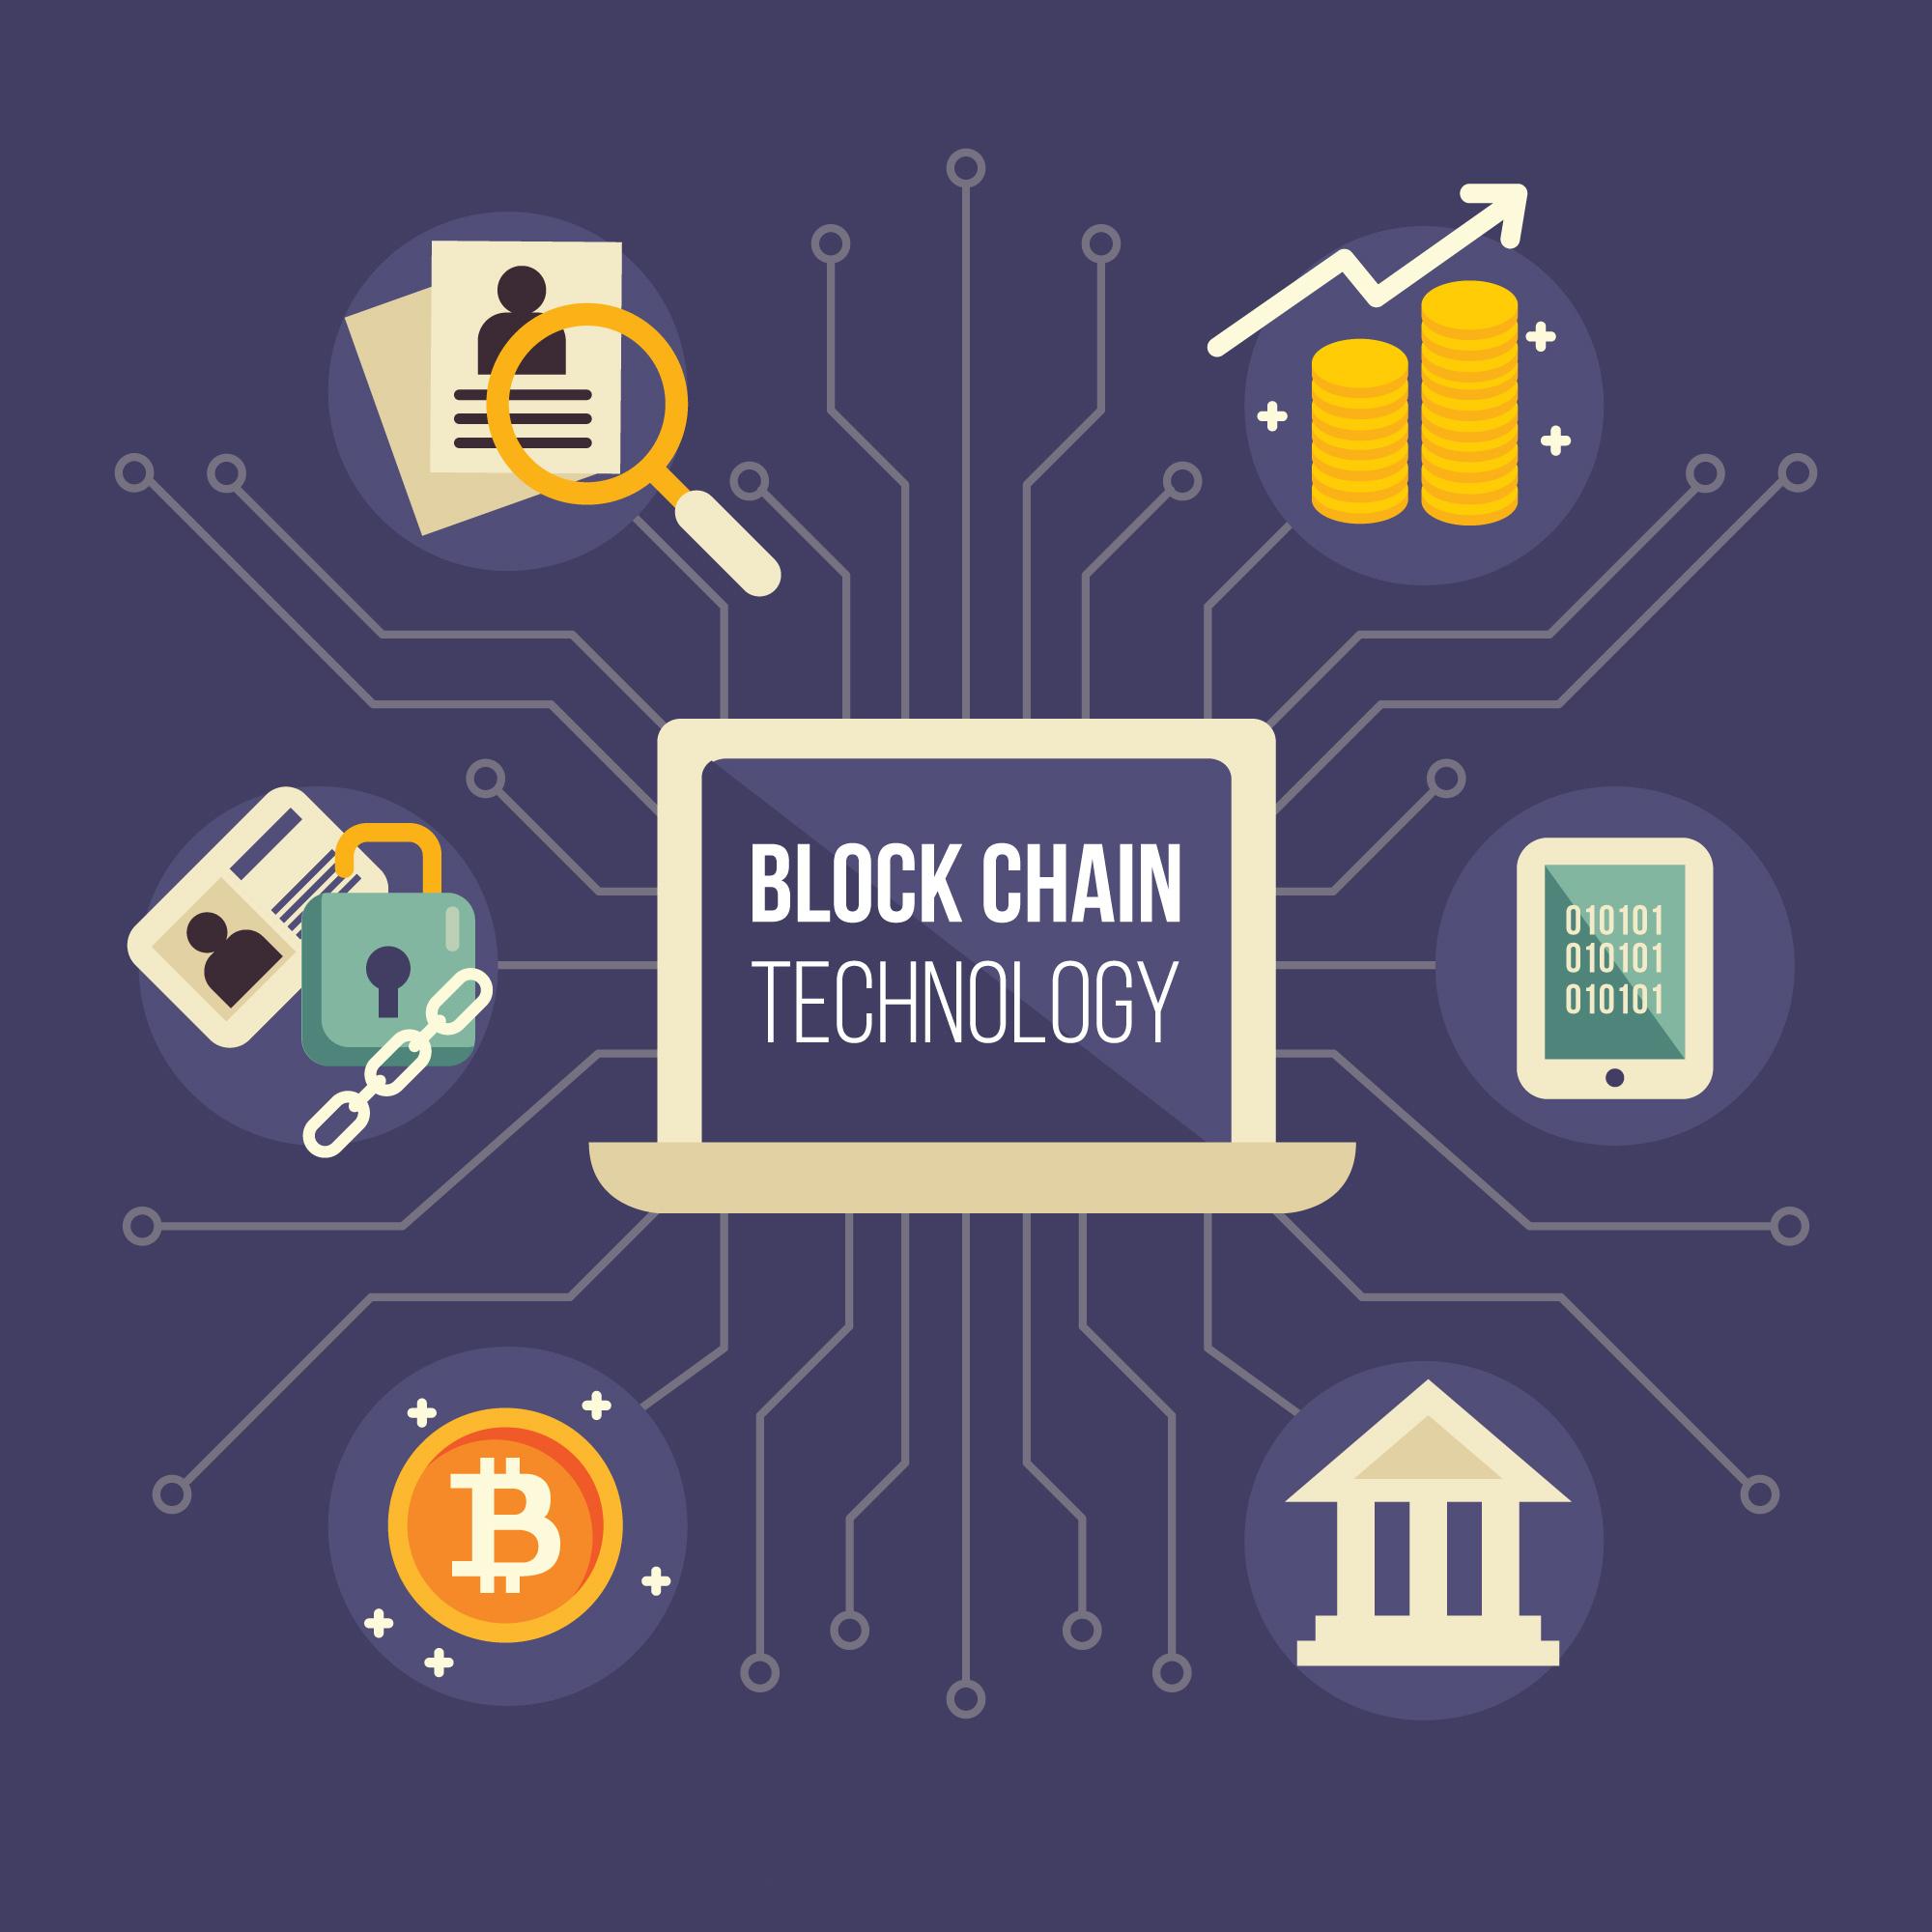 از فناوری بلاک چین چه میدانید؟